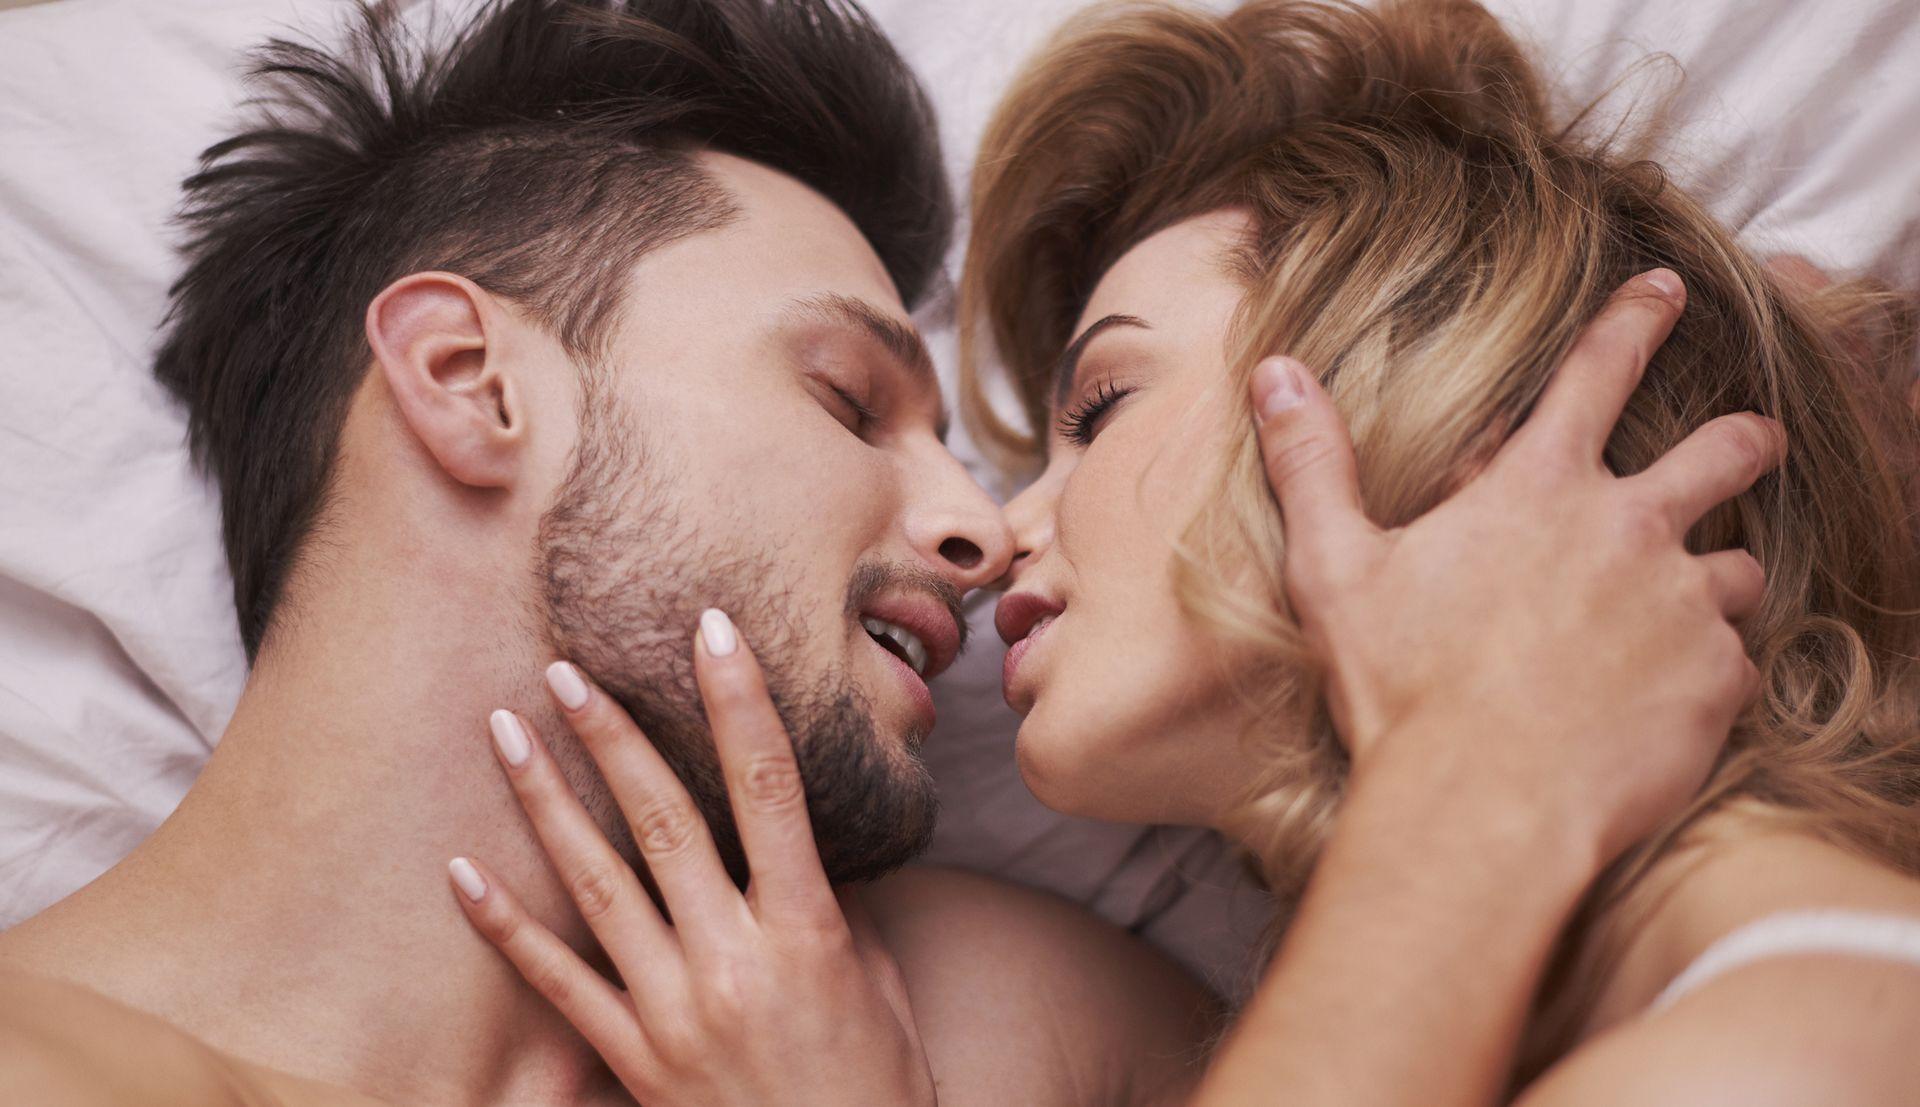 co mówić w czasie seksu